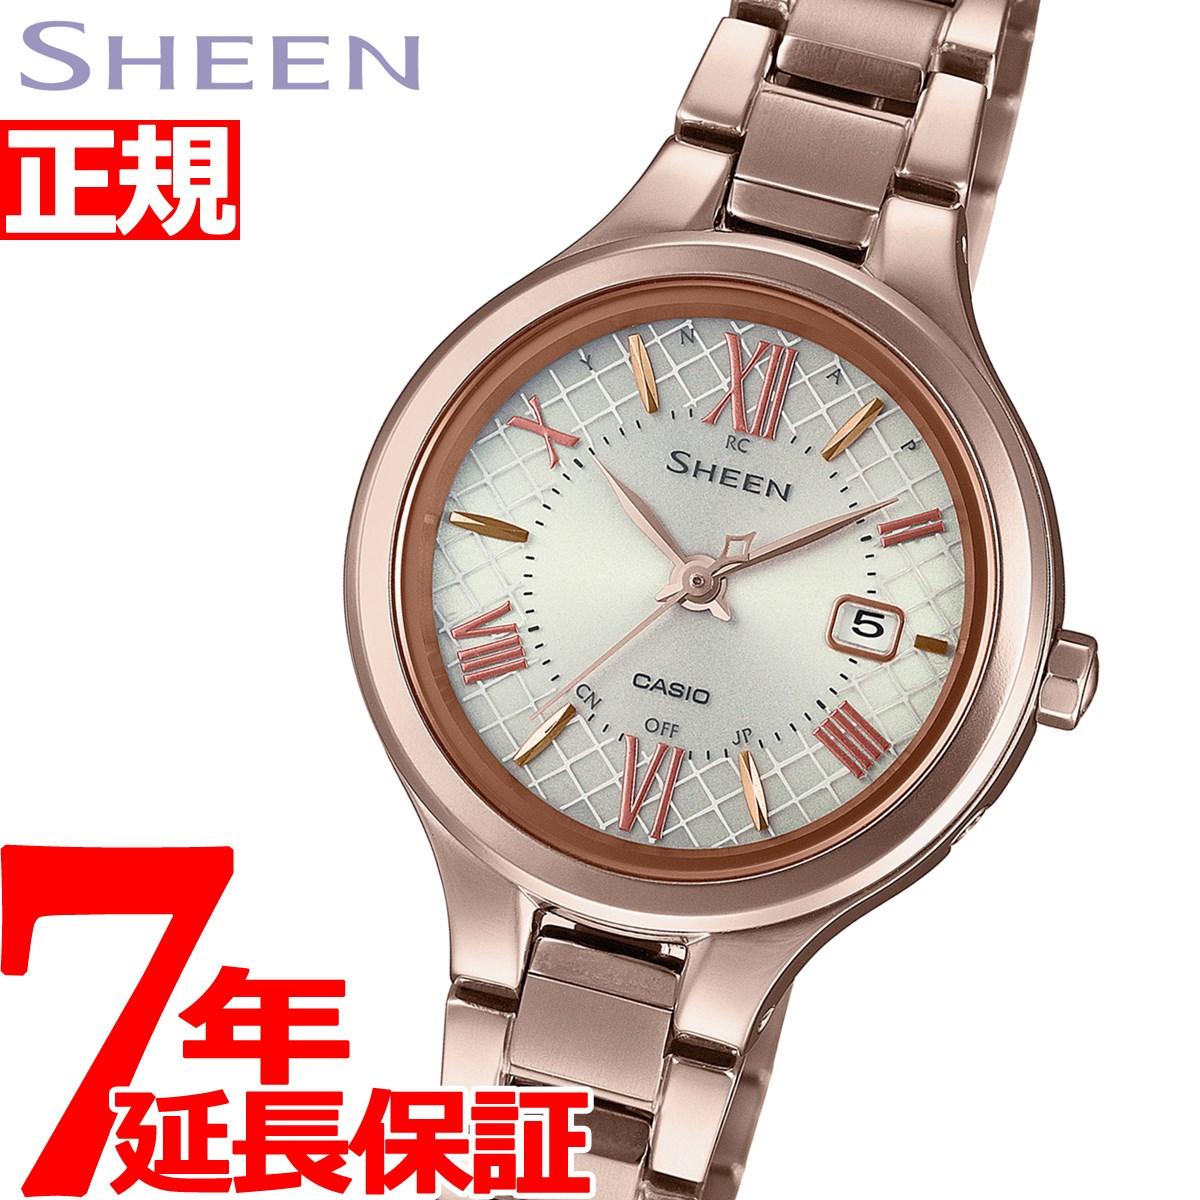 腕時計, レディース腕時計 2000OFF57152359 CASIO SHEEN SHW-7000TCG-4AJF2020